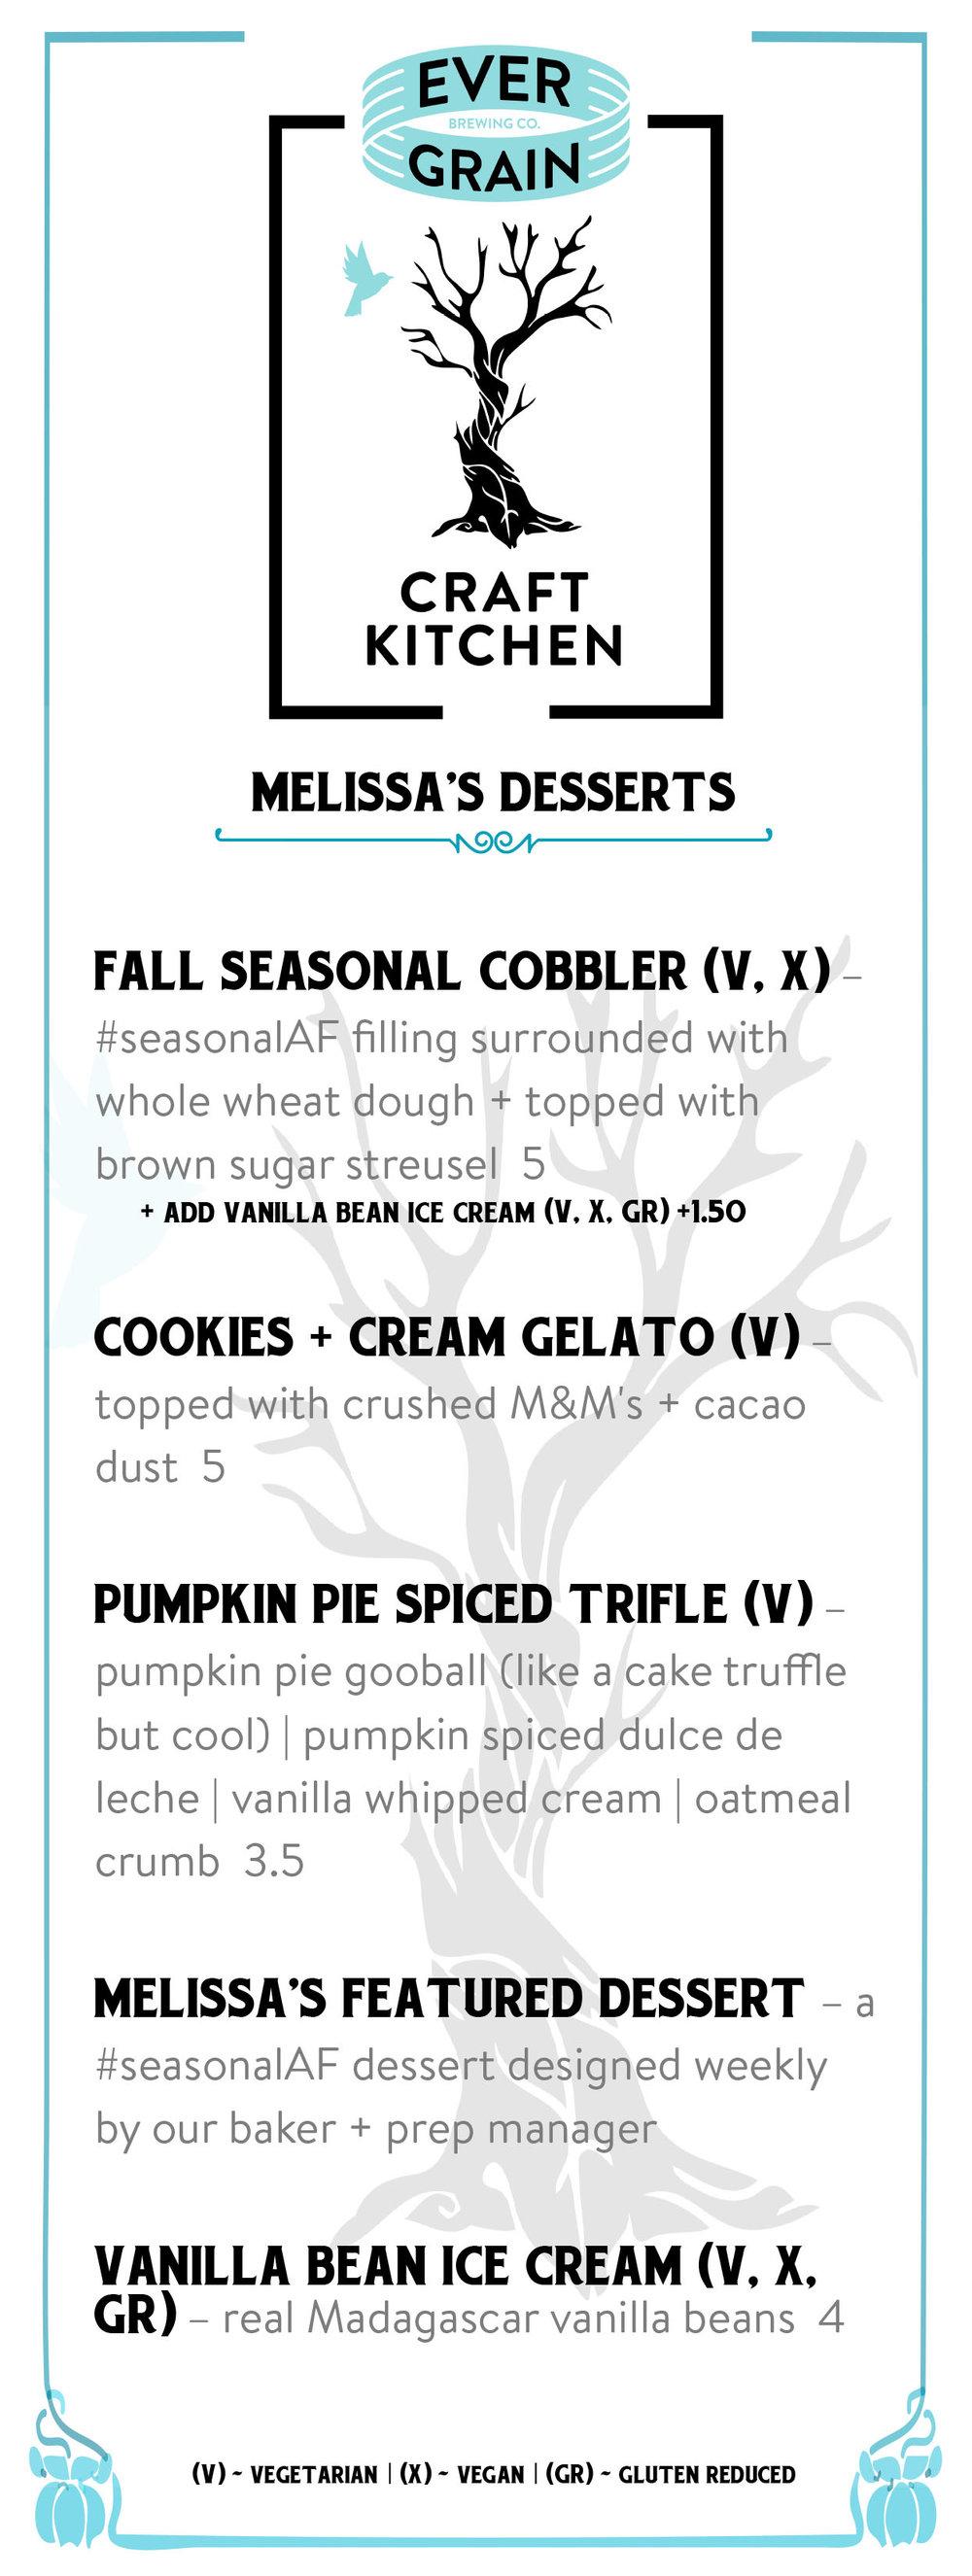 Melissa's Desserts.jpg